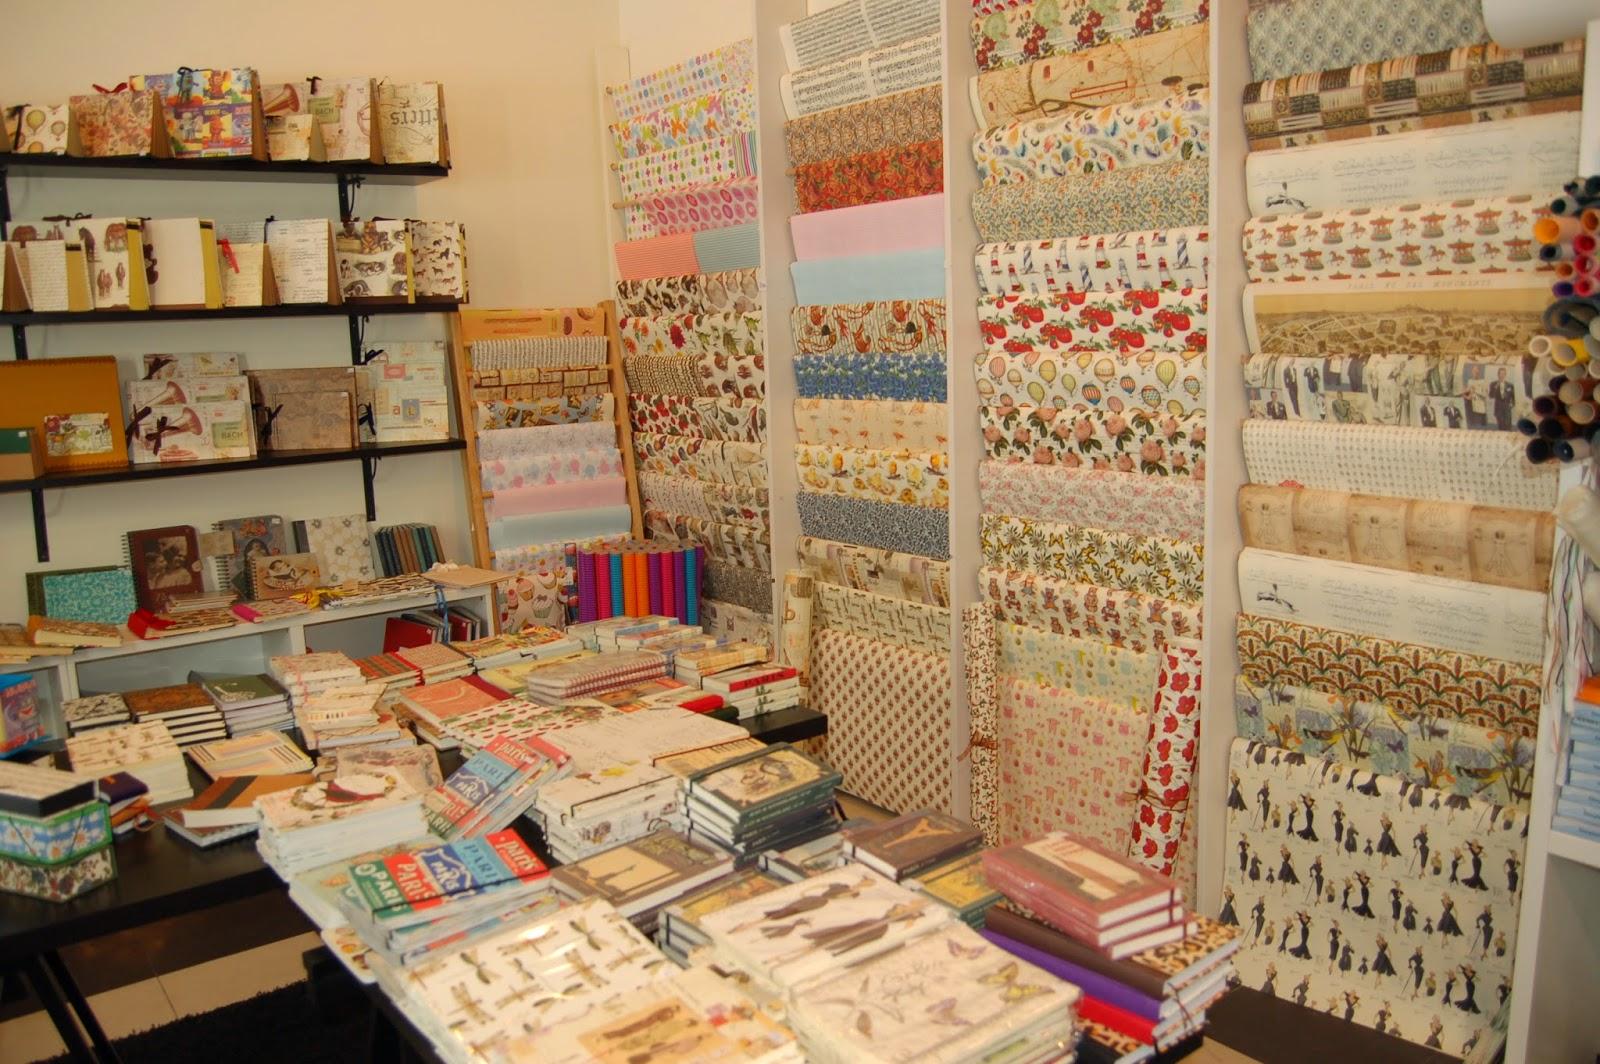 La vie est belle de tiendas por calle la merced 1 - Decorar muebles con papel ...